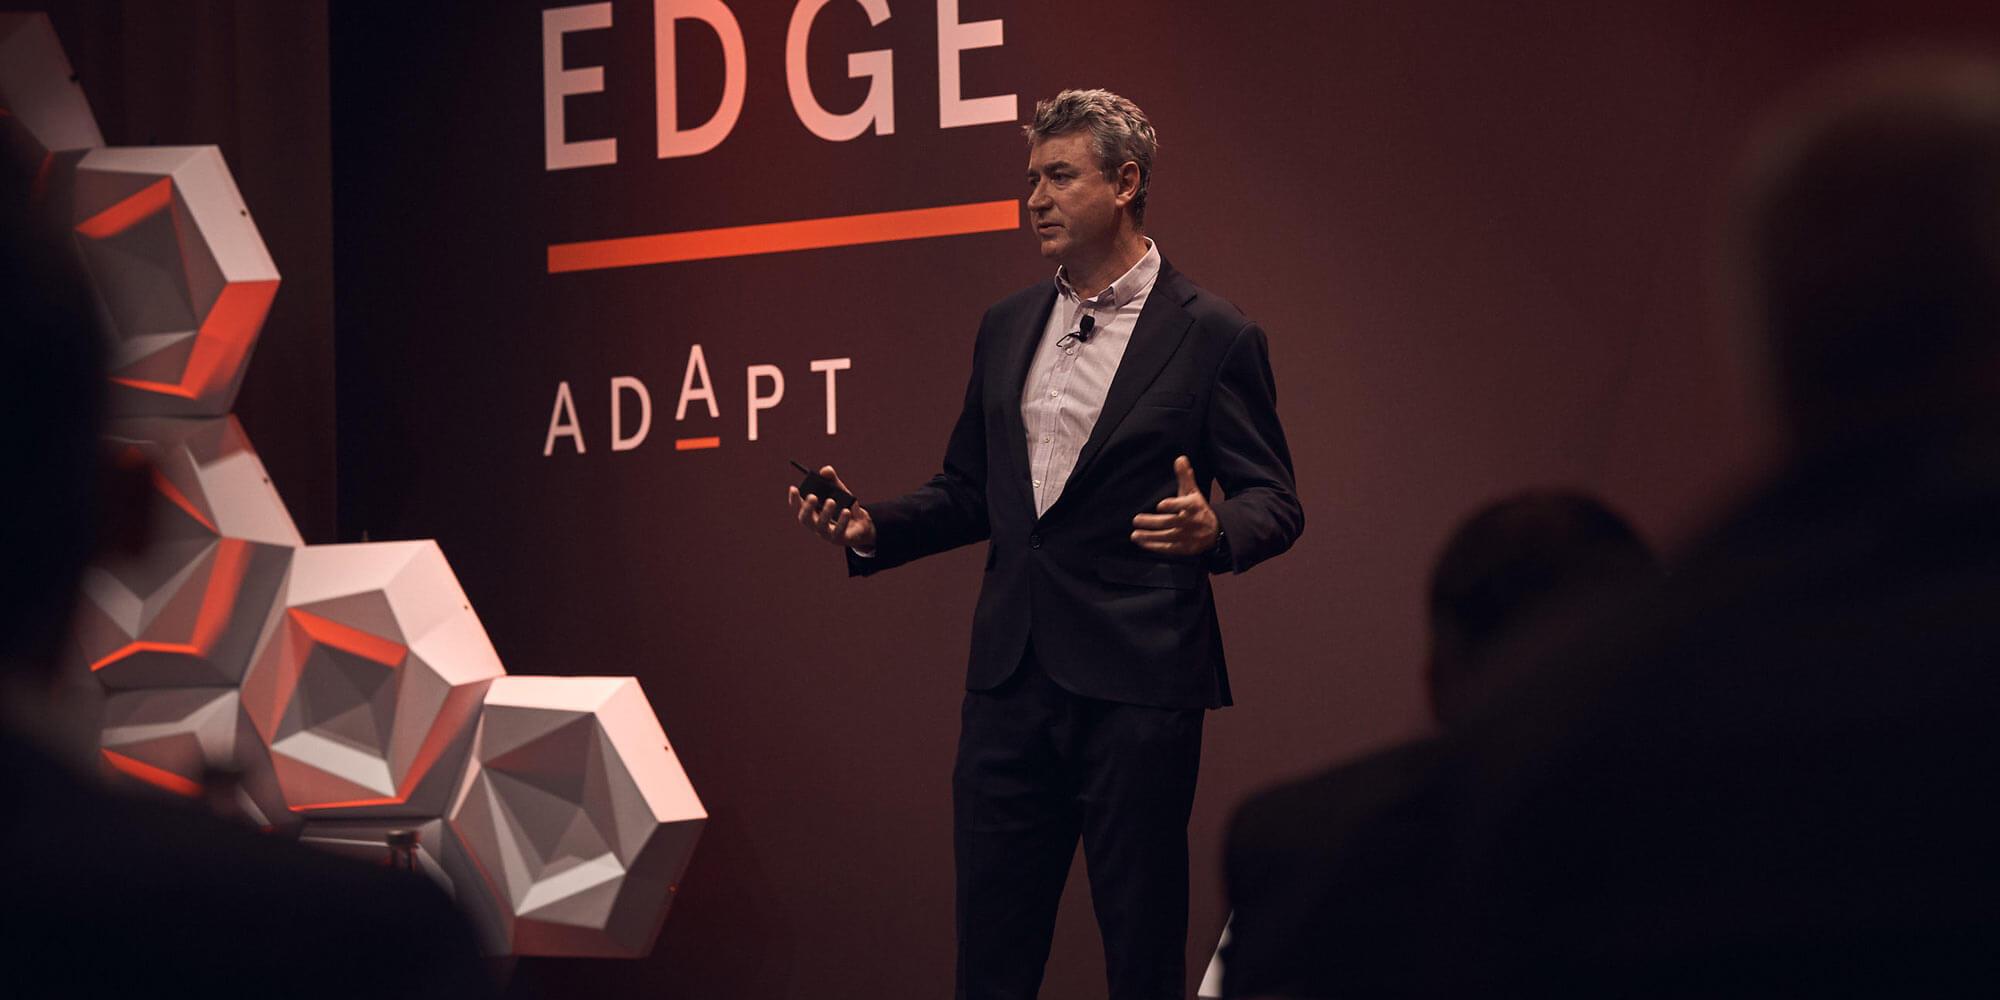 Adapt - Security Edge 2020